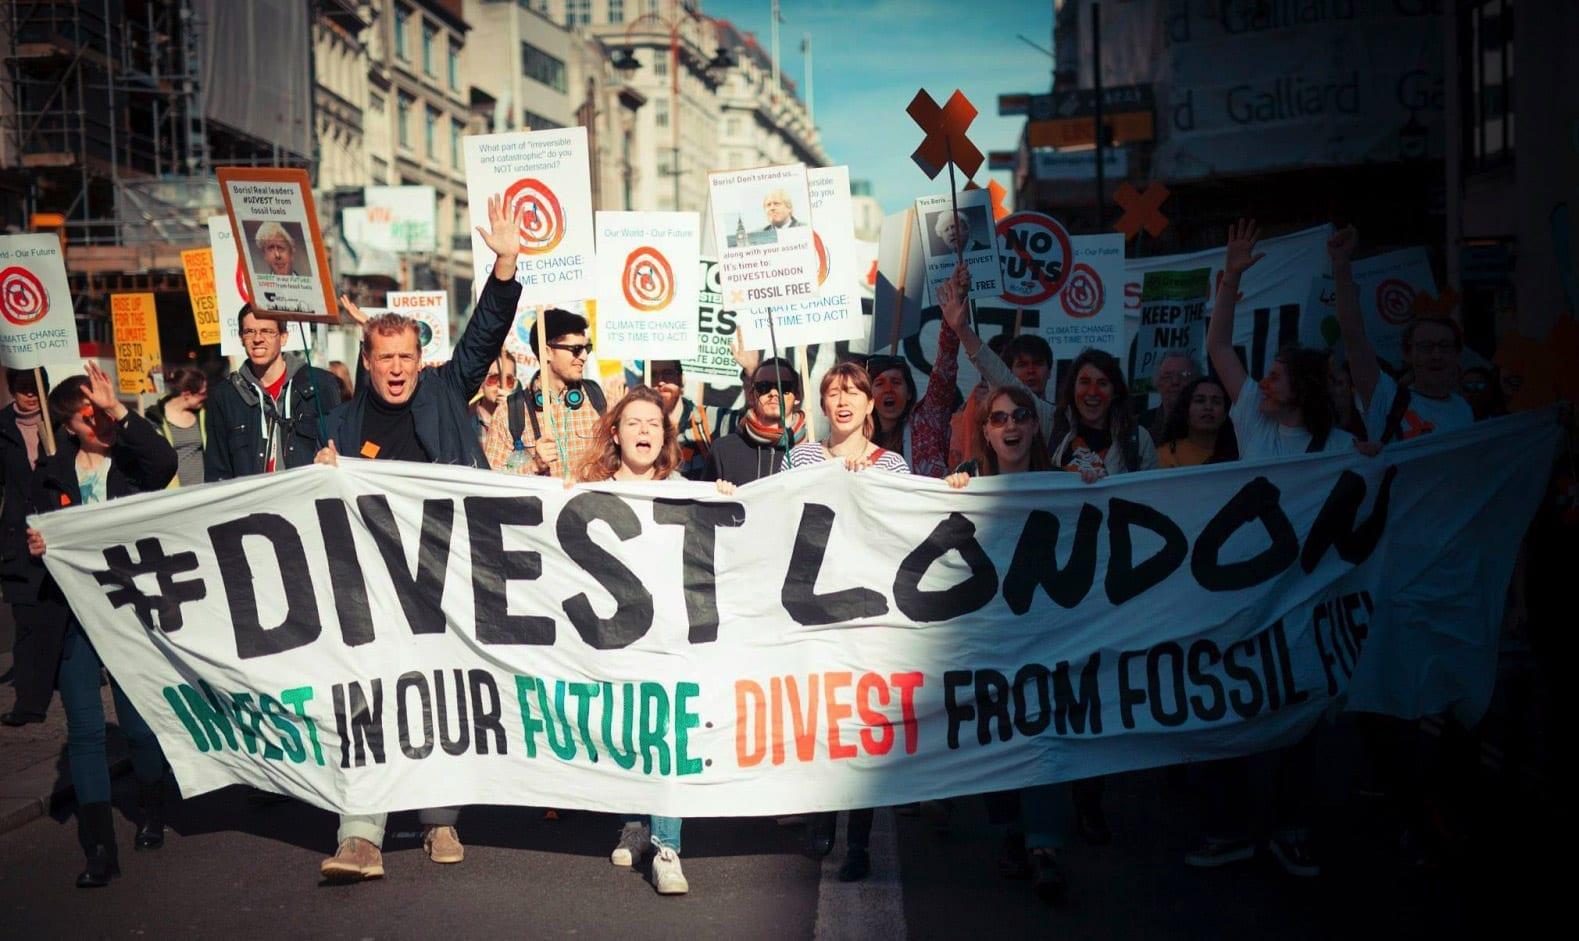 Divest London